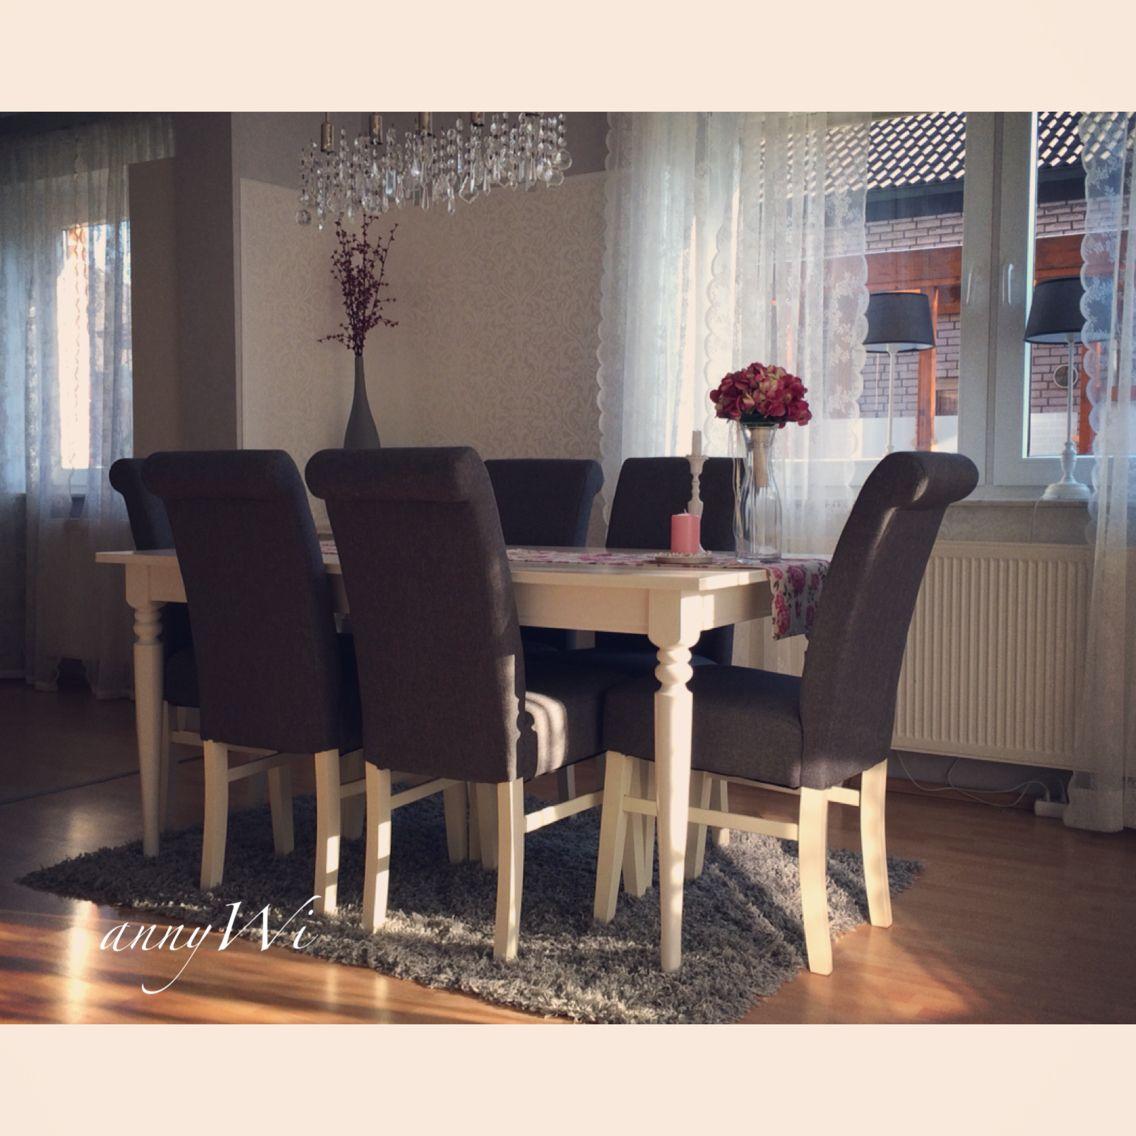 AnnyWi Deko Wohnung Ikea Ingatorp Esszimmer Wohnzimmer Landhausstil Shabby Vintage